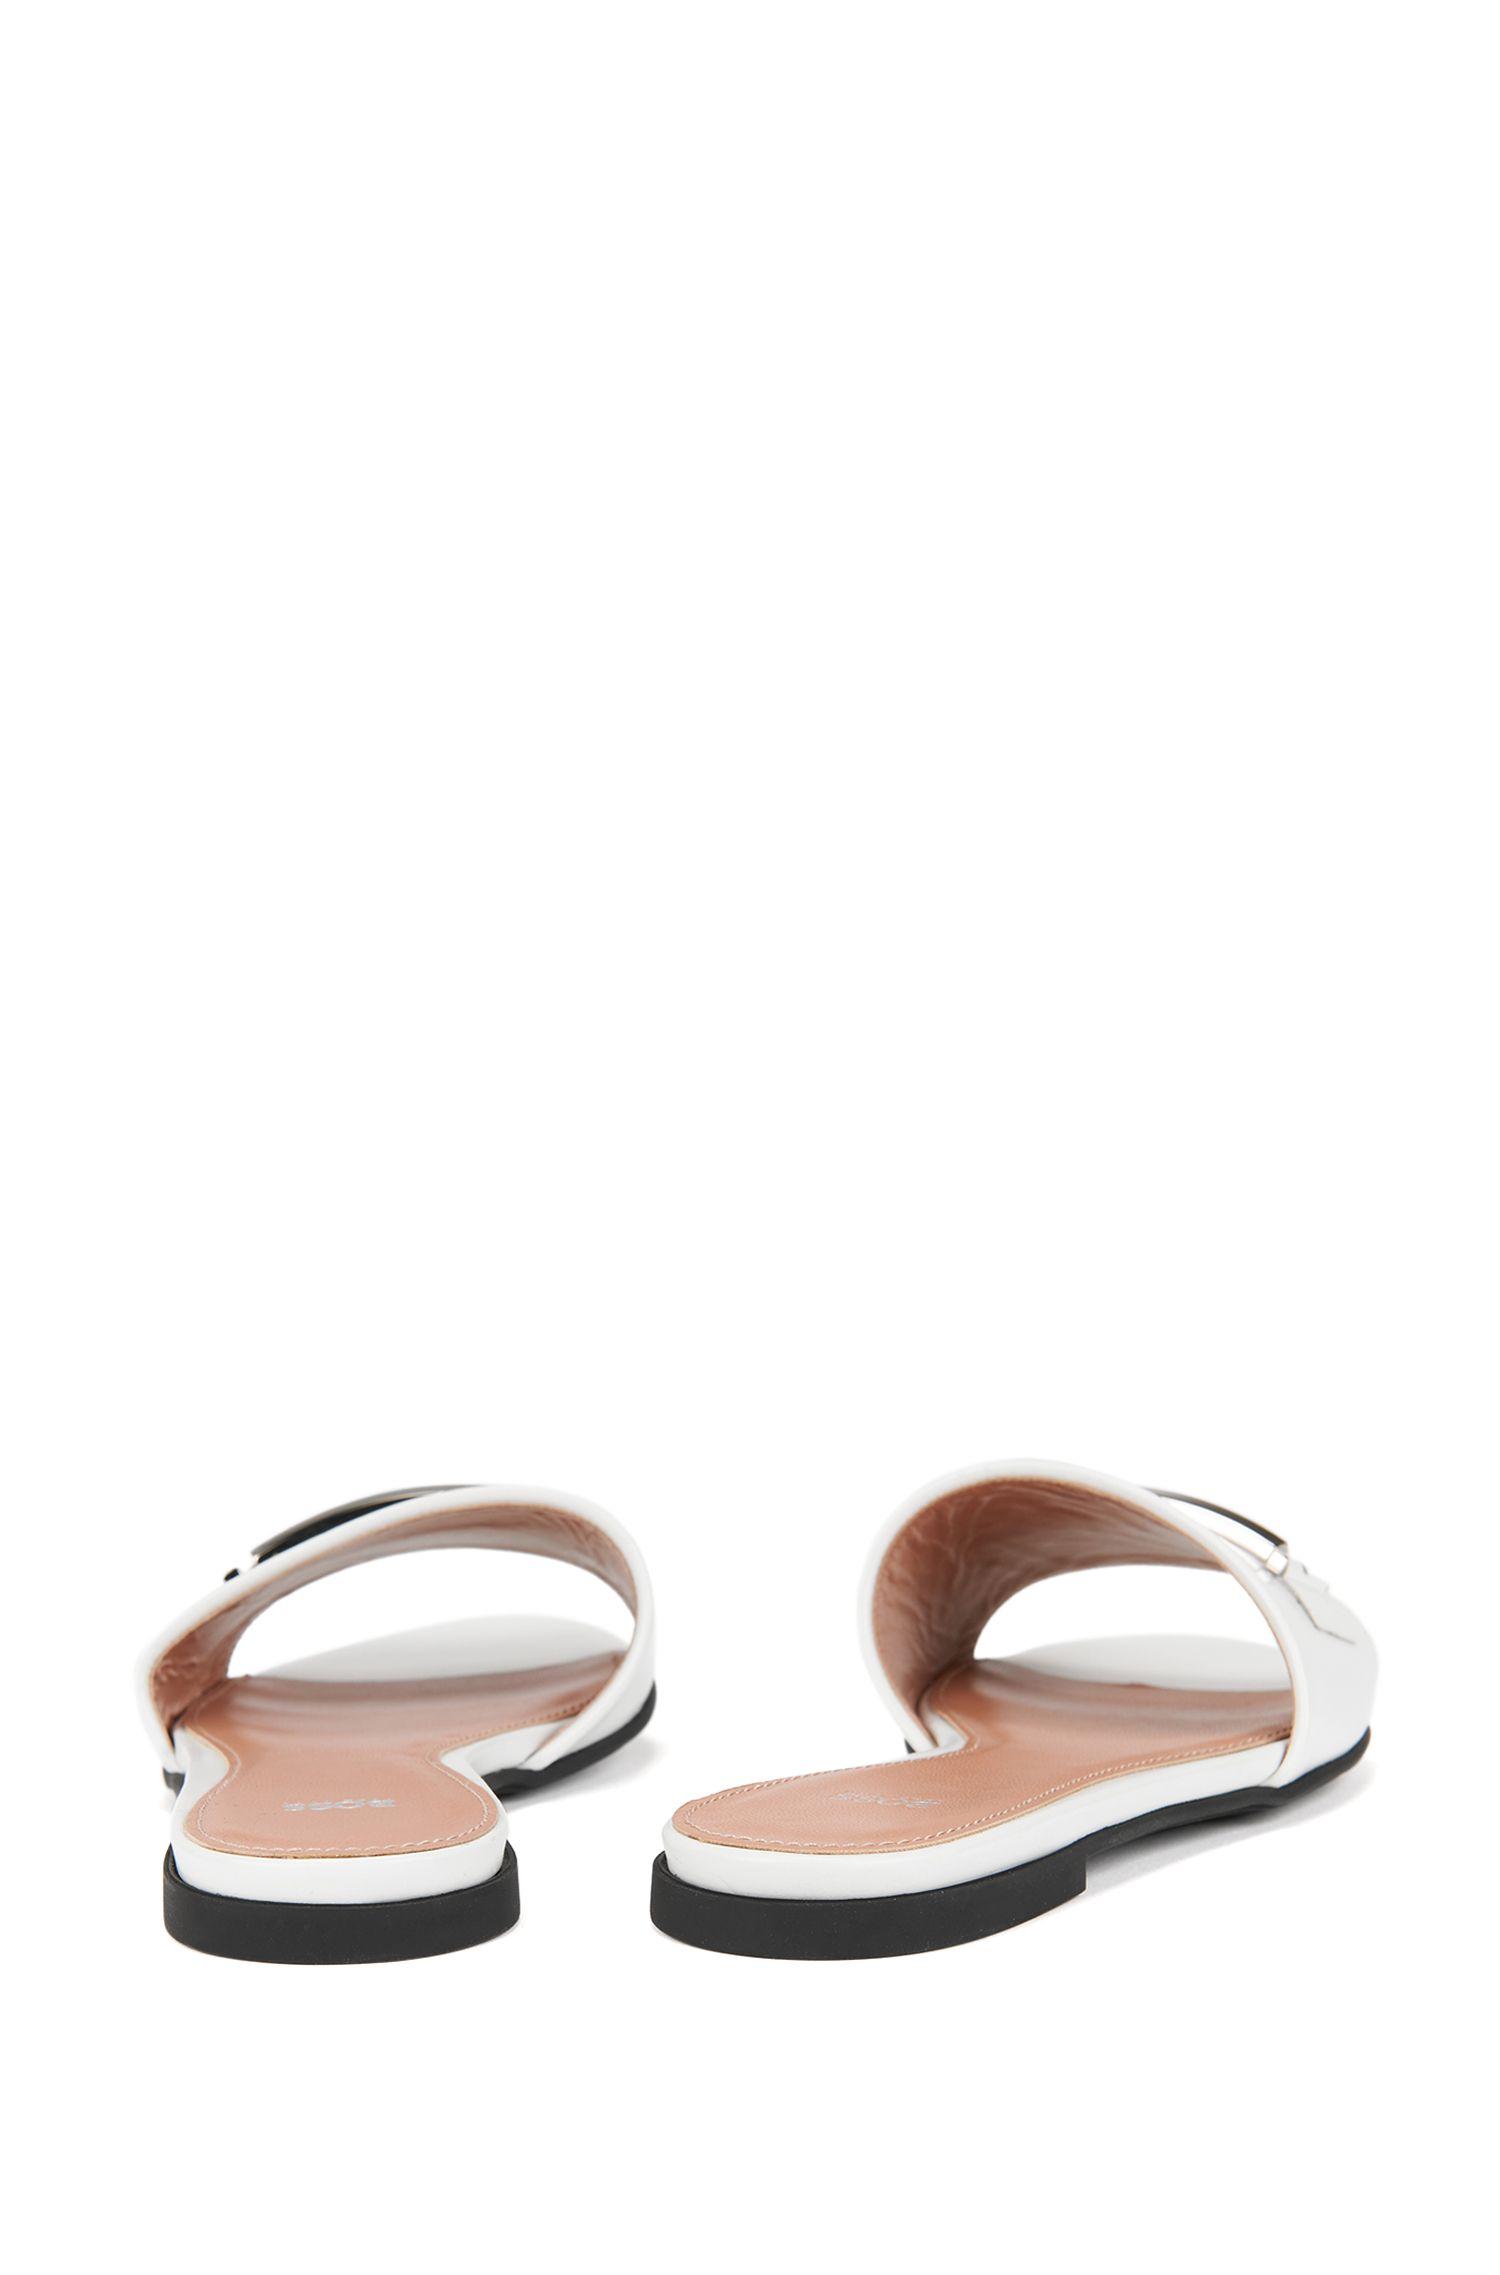 Sandalias con detalles metálicos en piel italiana